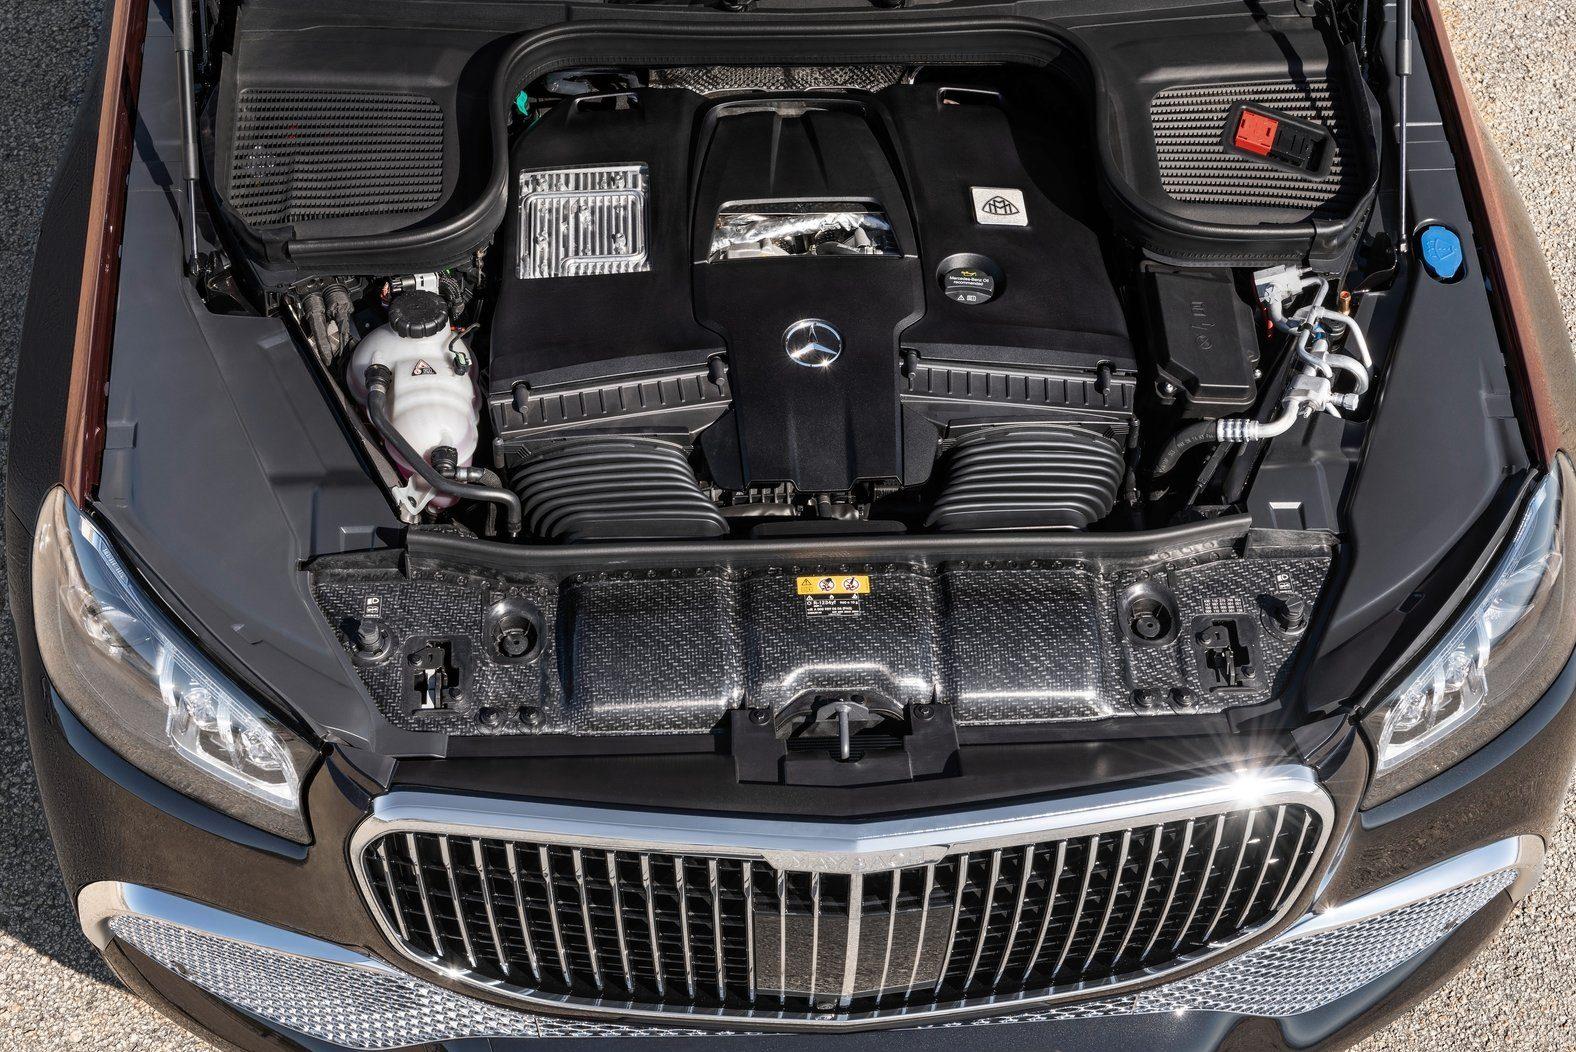 Mercedes Maybach Gls A Suntuosa E Improvavel Mistura De Suv Com Limusine Quatro Rodas